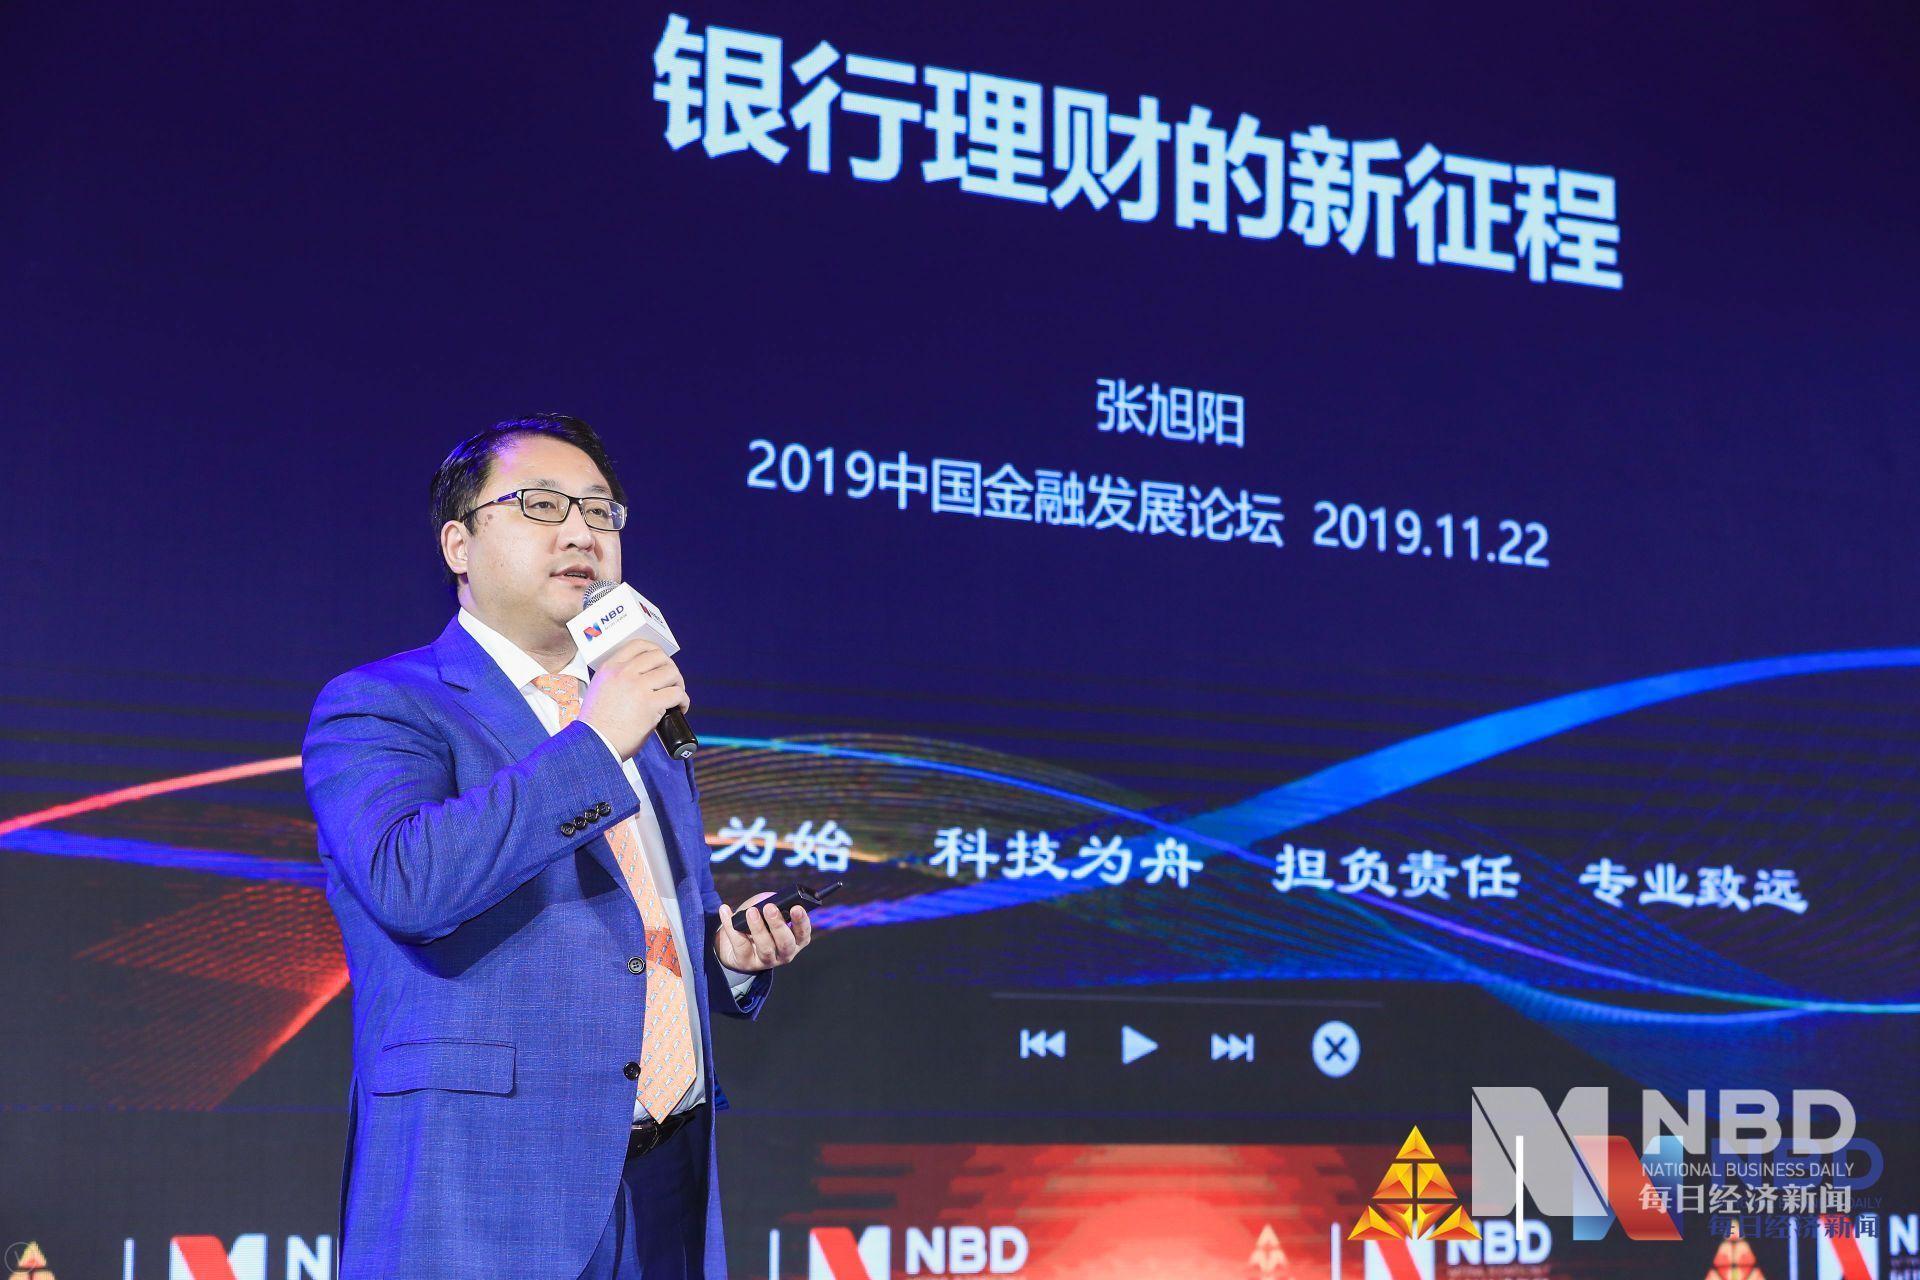 光大理财董事长张旭阳:数据与算力的发展使资产管理与财富管理融合成为可能